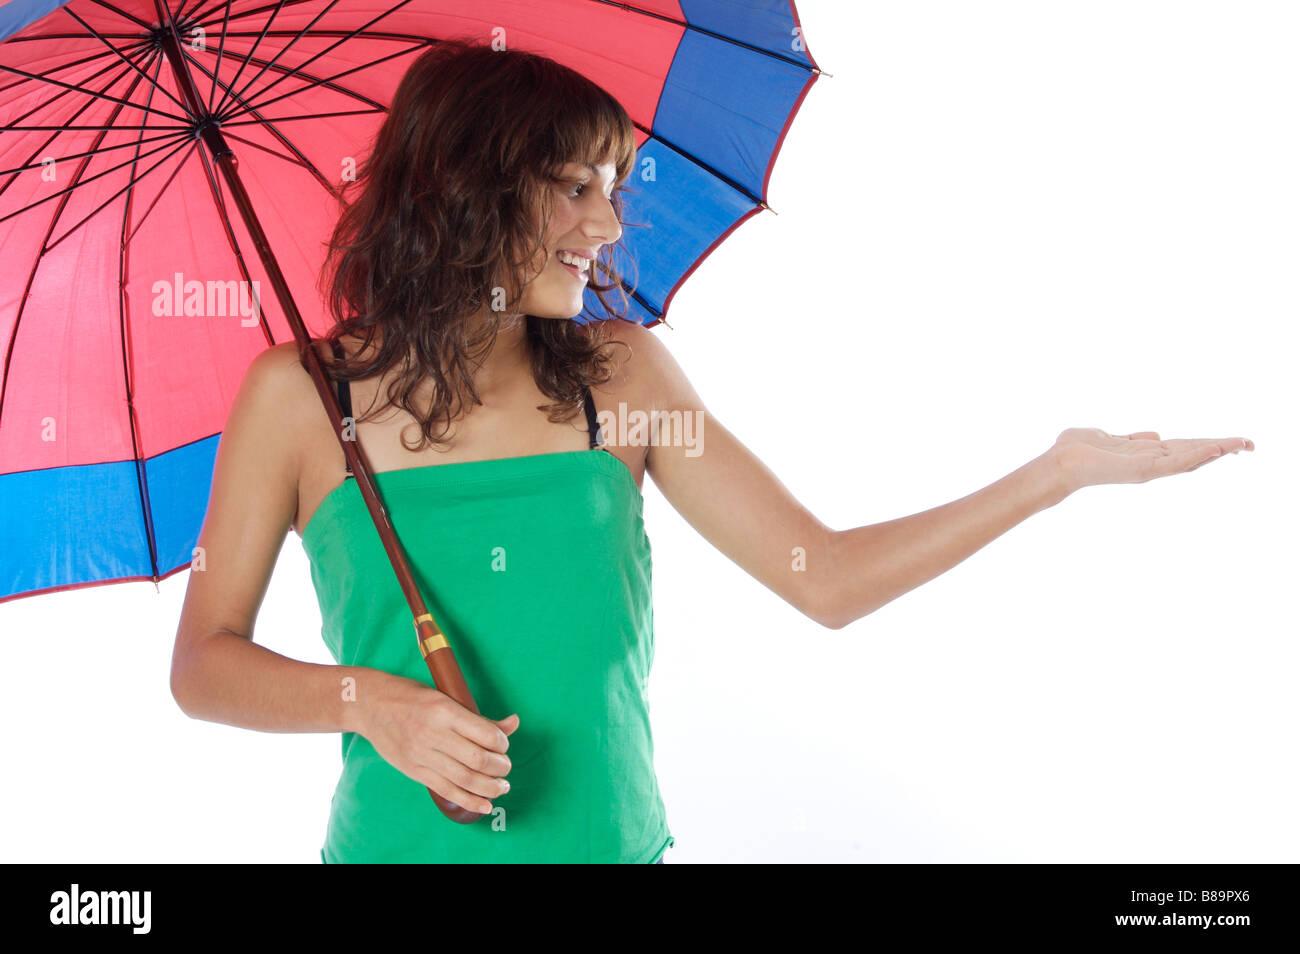 attraktive Frau mit Regenschirm ein weißer Hintergrund Stockbild